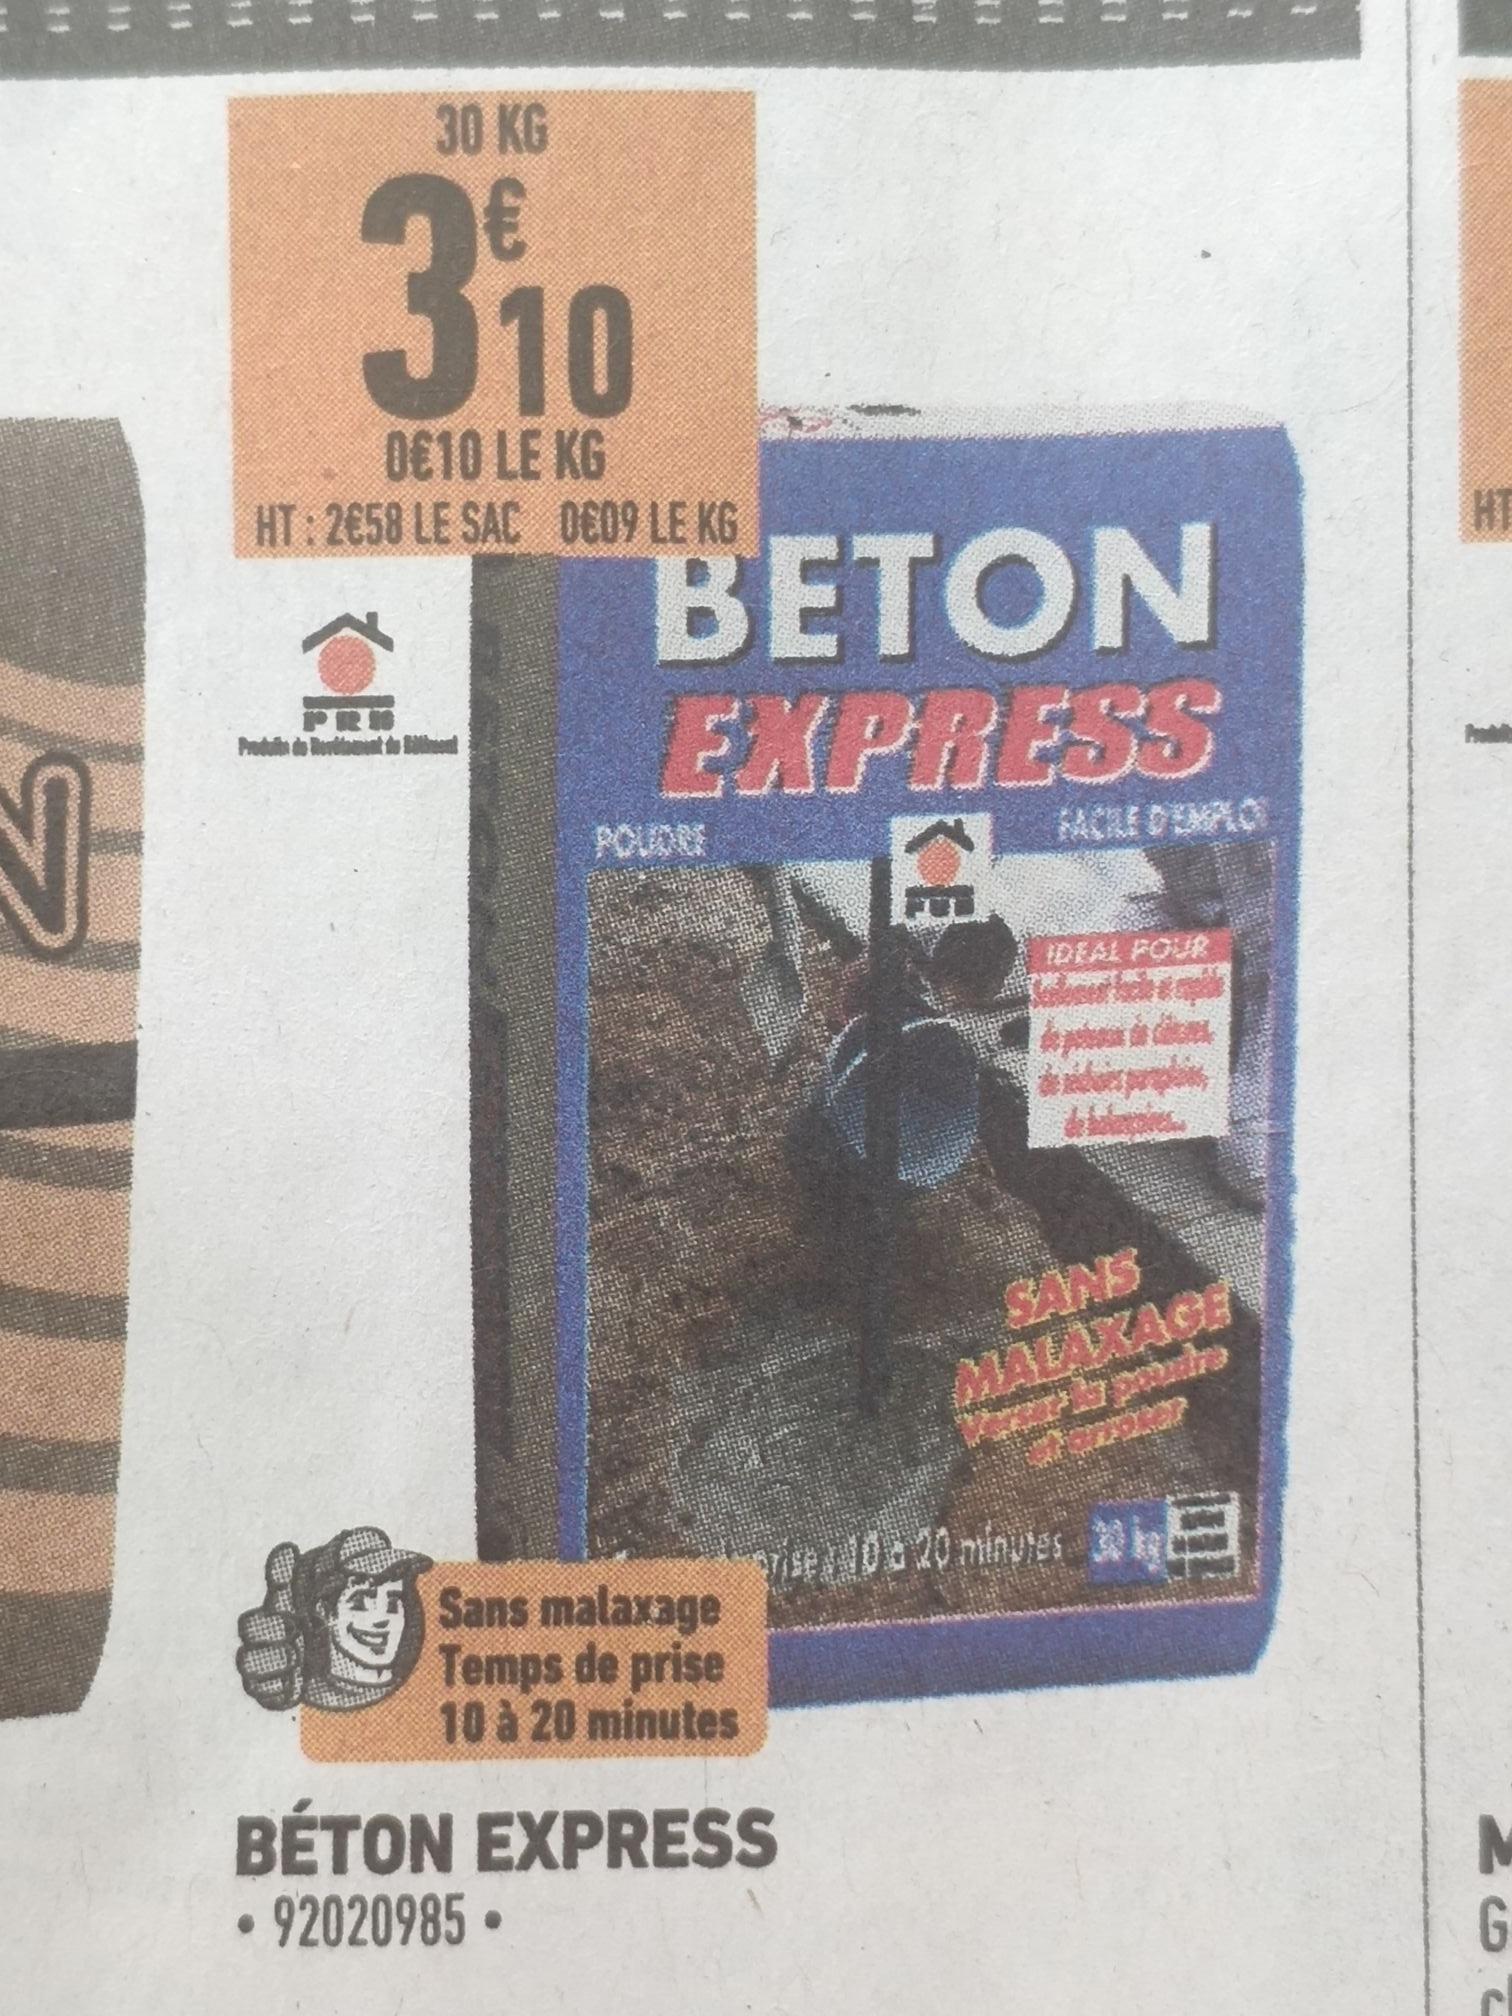 Sélection de produits en promotion - Ex: Béton express sans malaxage 30kg